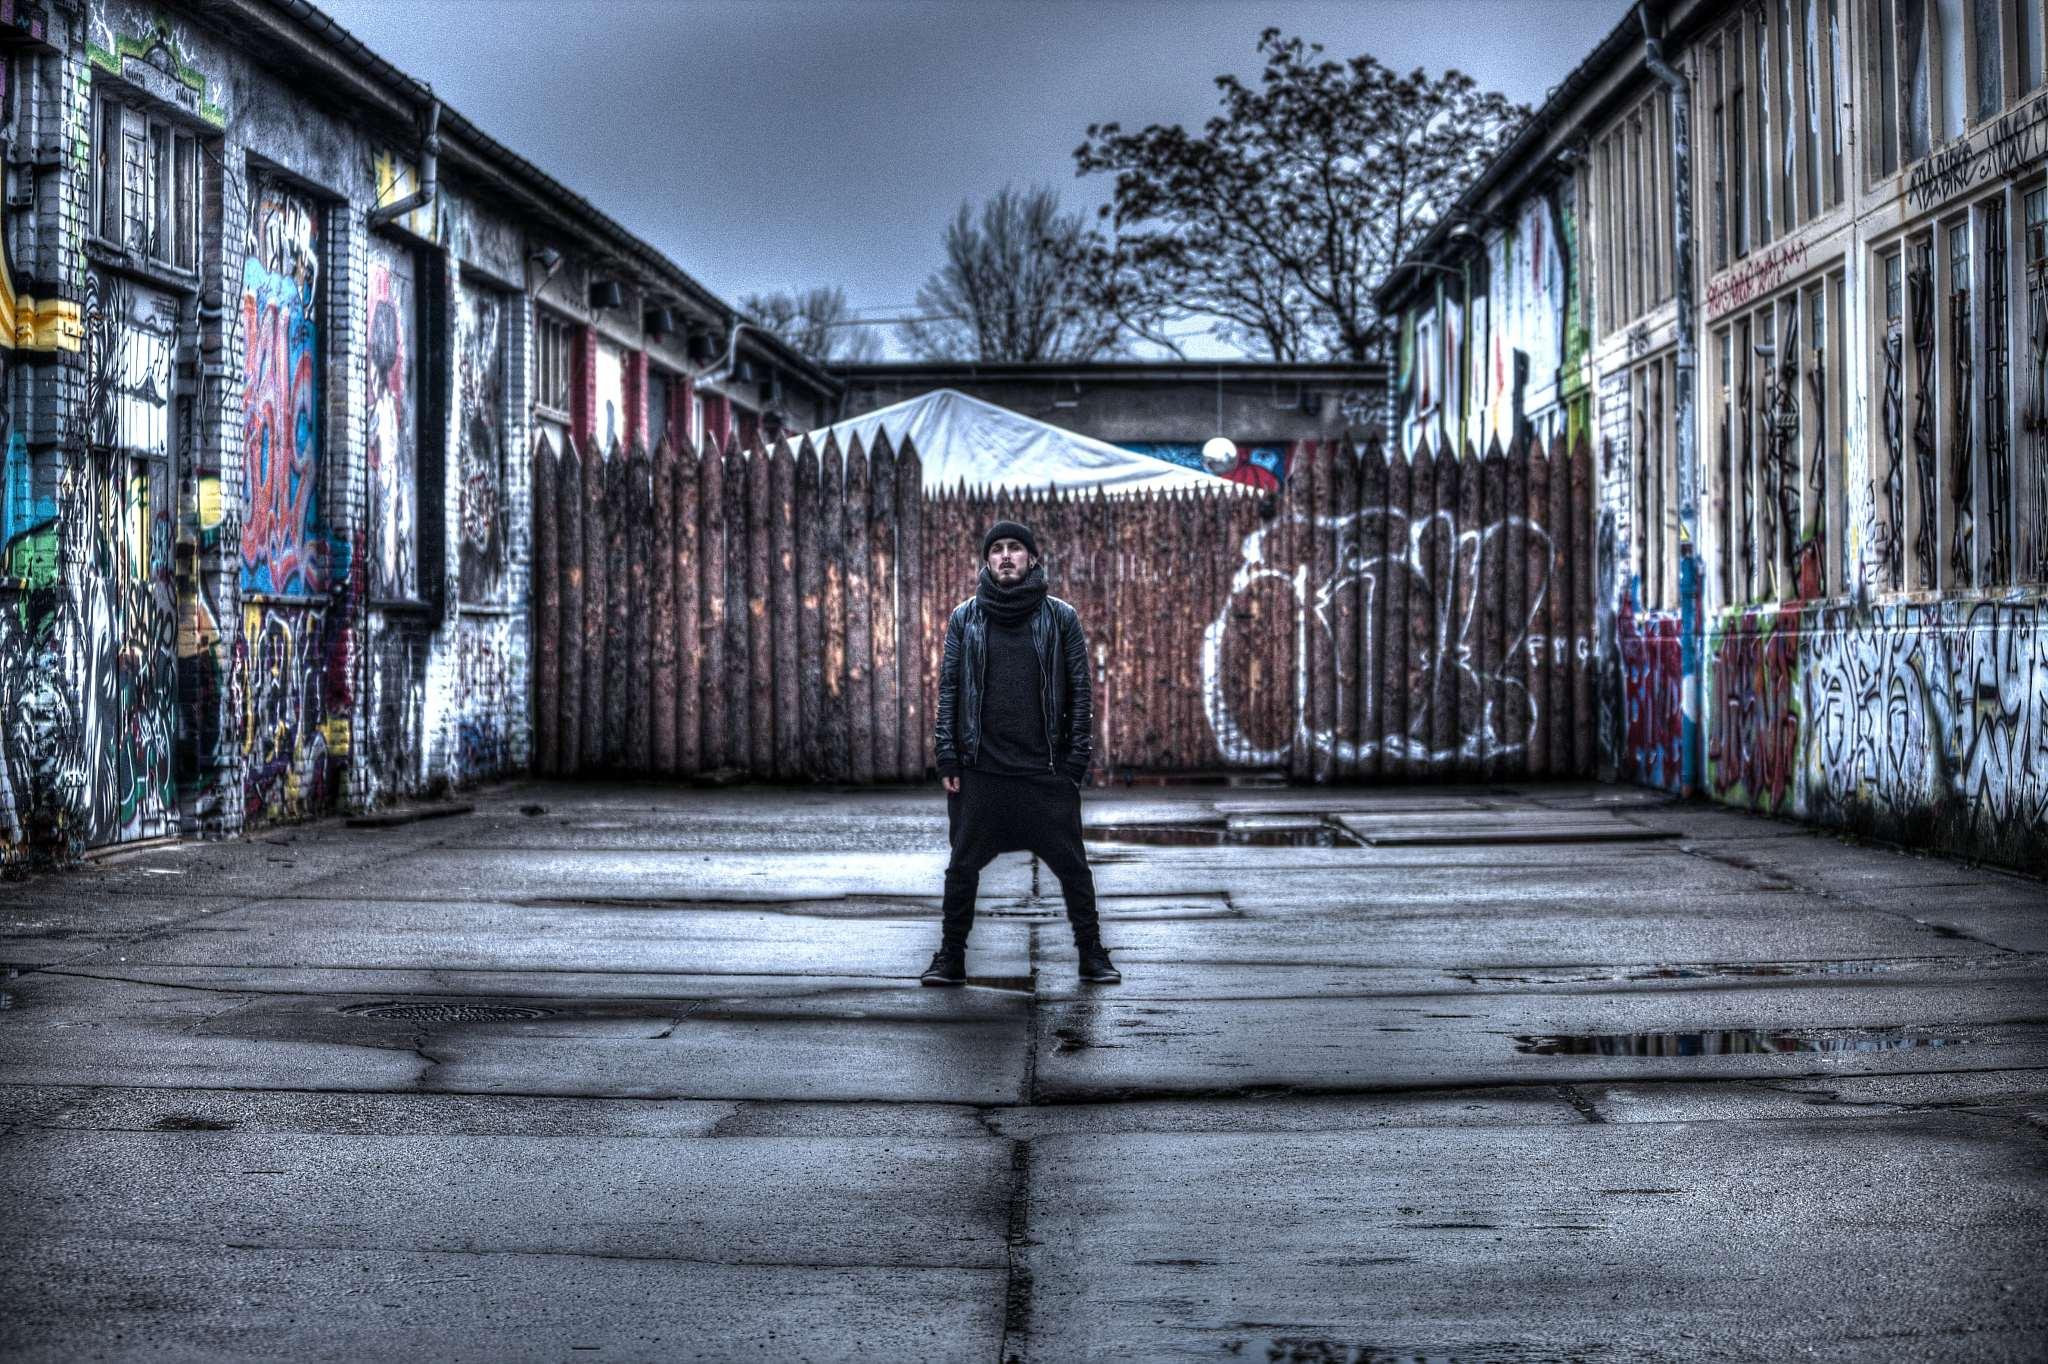 Marius @ Urban Spree